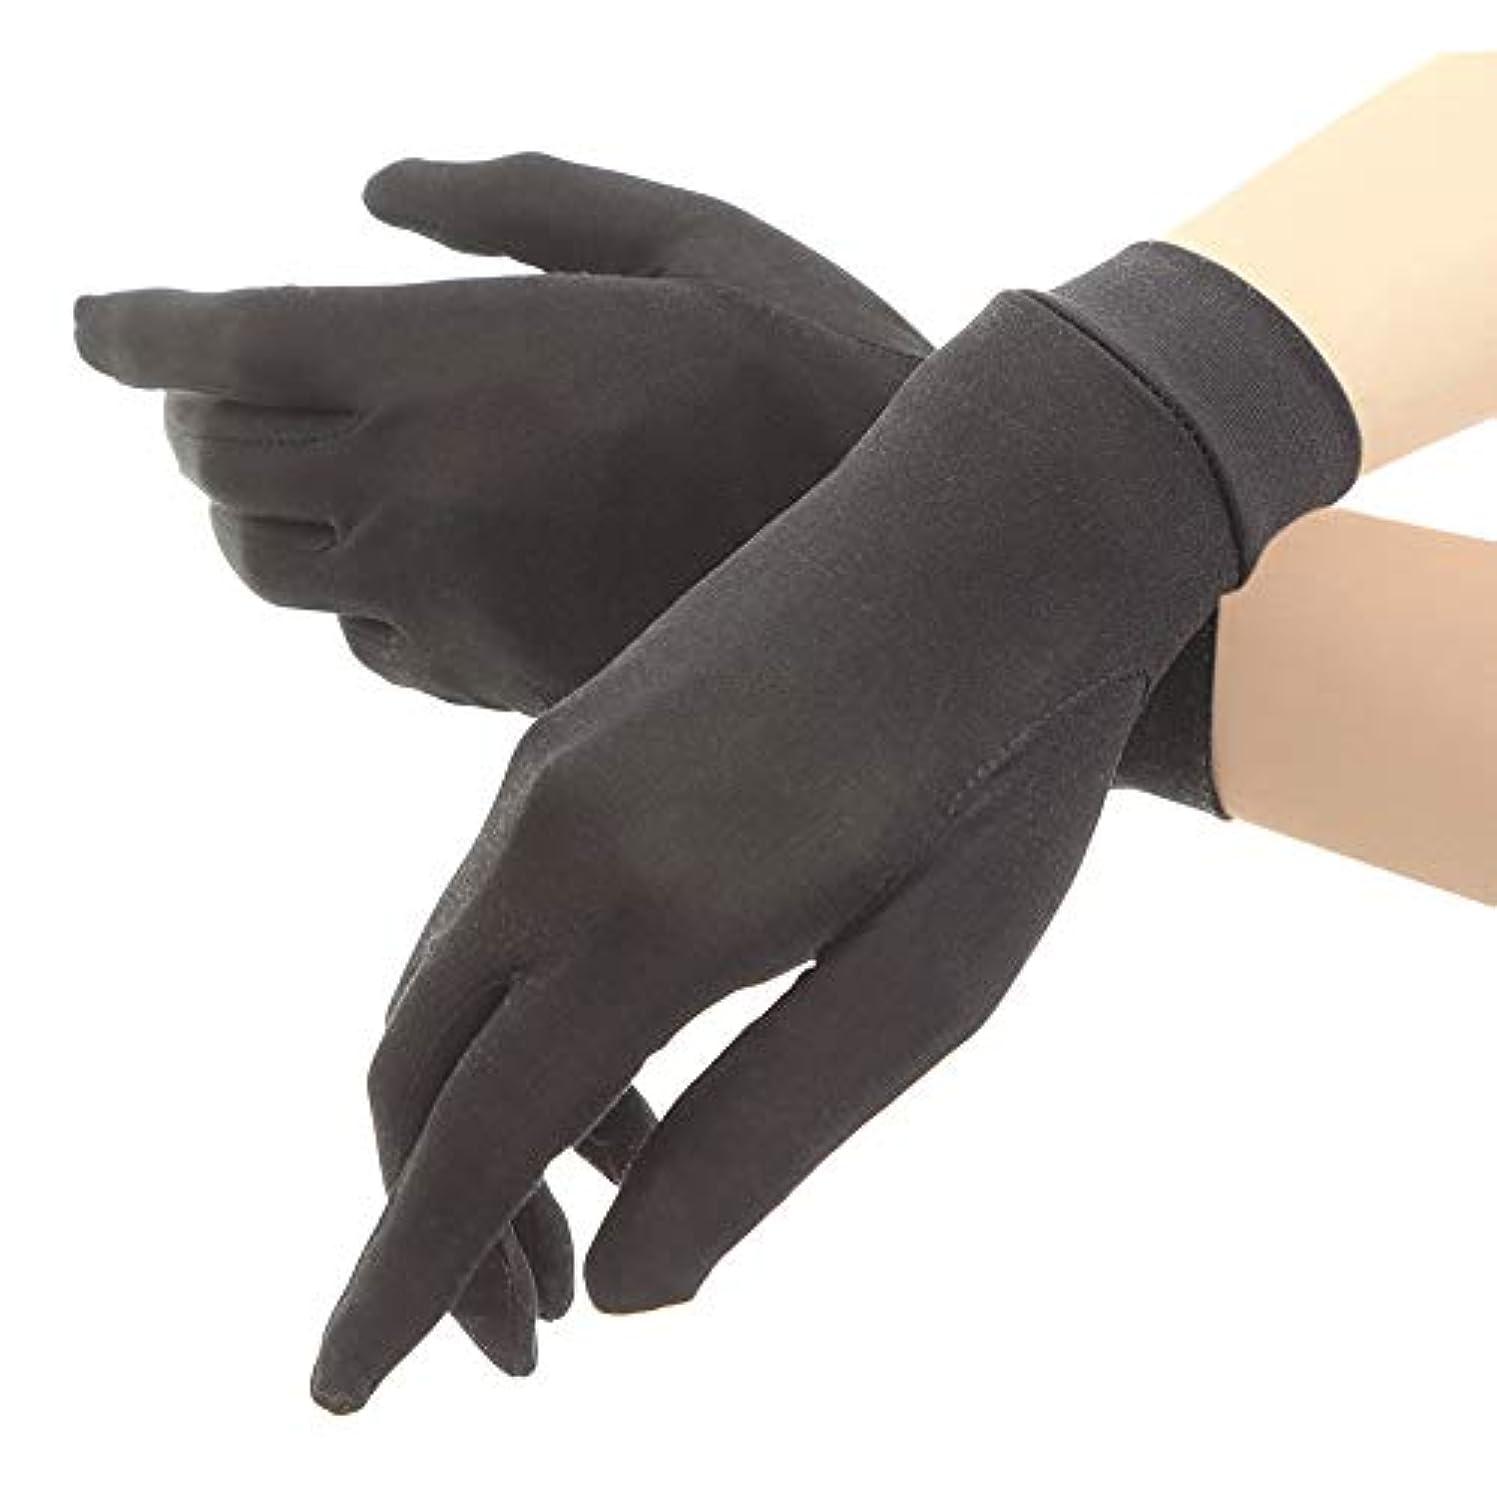 まさに宮殿スリップシルク手袋 レディース 手袋 シルク 絹 ハンド ケア 保湿 紫外線 肌荒れ 乾燥 サイズアップで手指にマッチ 【macch】